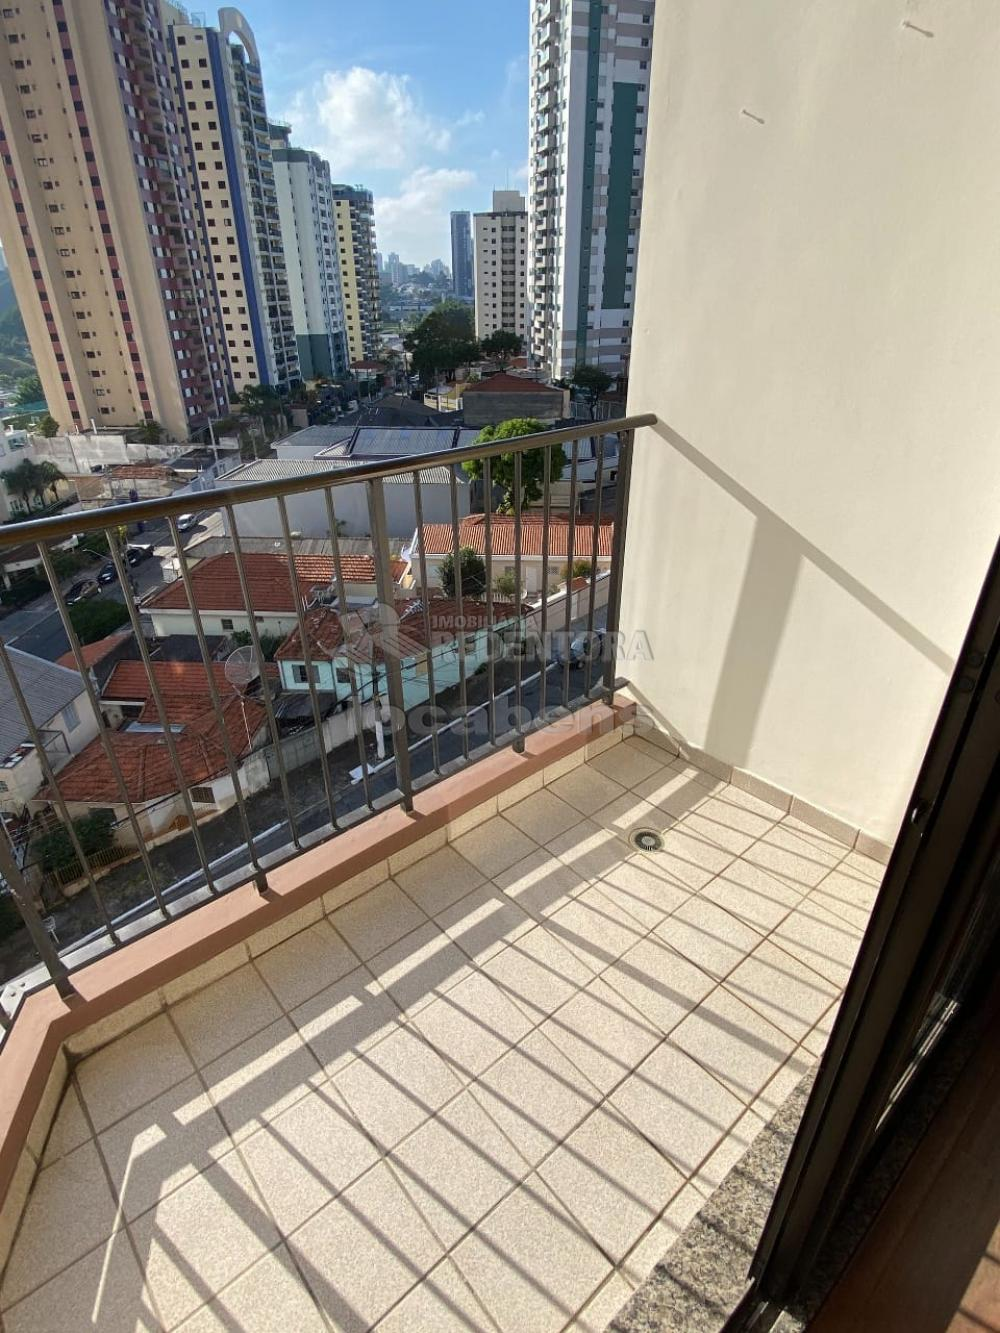 Comprar Apartamento / Padrão em São Paulo R$ 495.000,00 - Foto 7